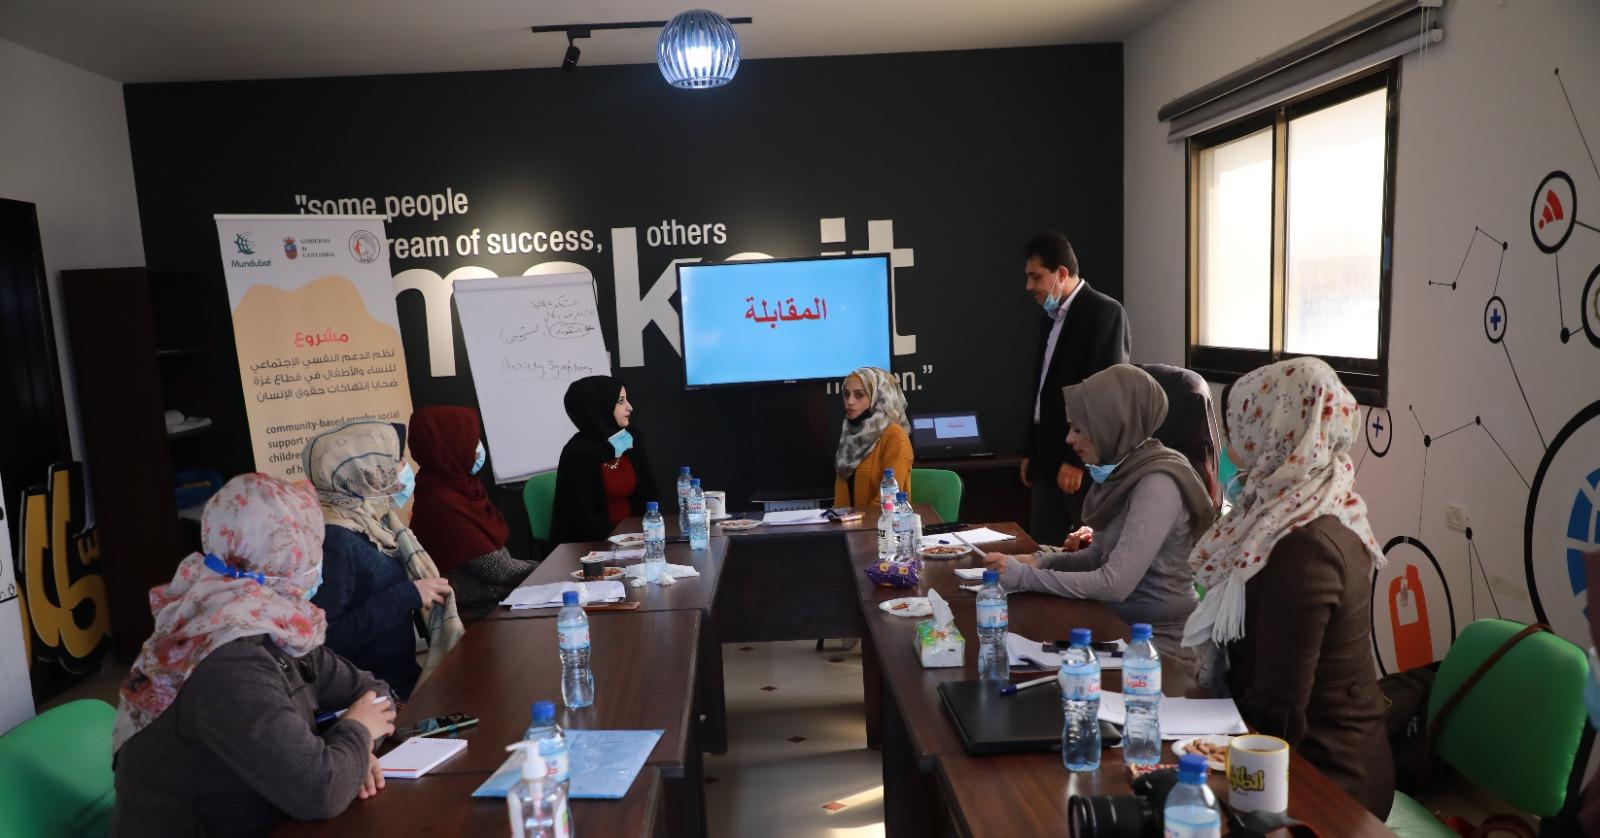 اتحاد لجان المرأة الفلسطينية يستكمل تنفيذ تدريب الدعم النفسي المتخصص.